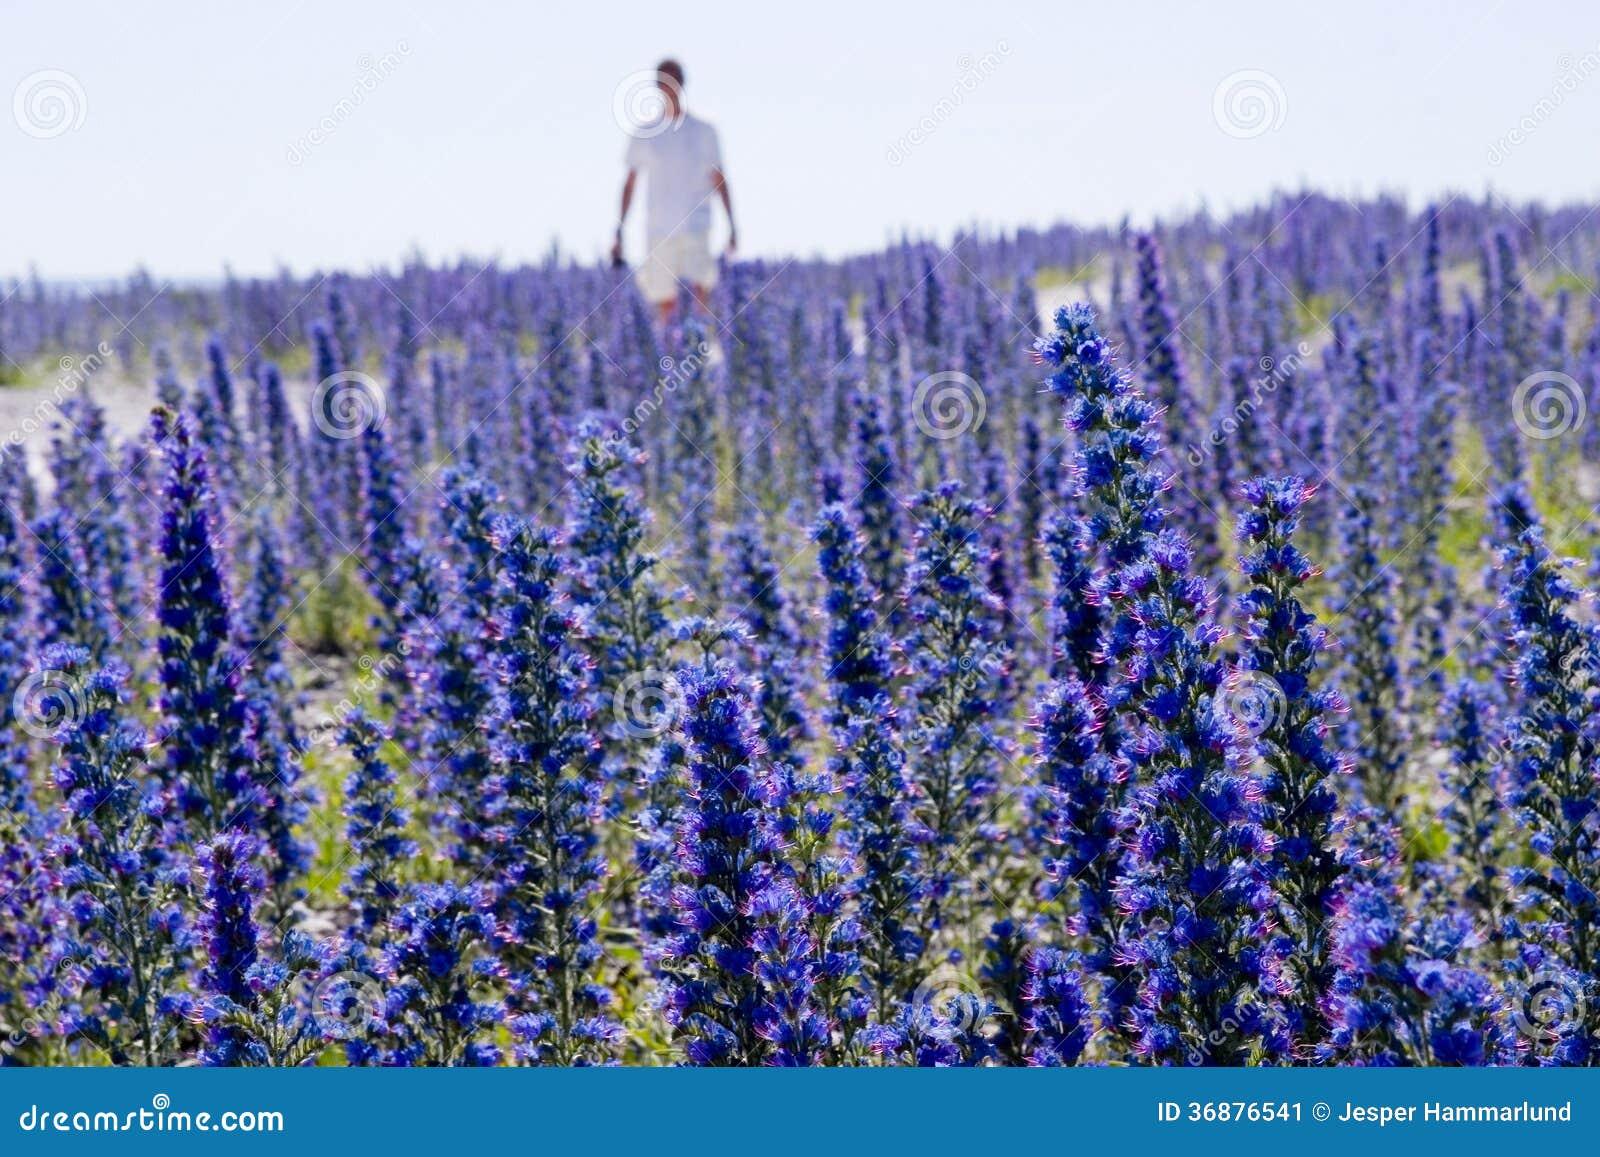 Download Echium Vulgare.JH Del Wildflower Immagine Stock - Immagine di osservare, botanico: 36876541